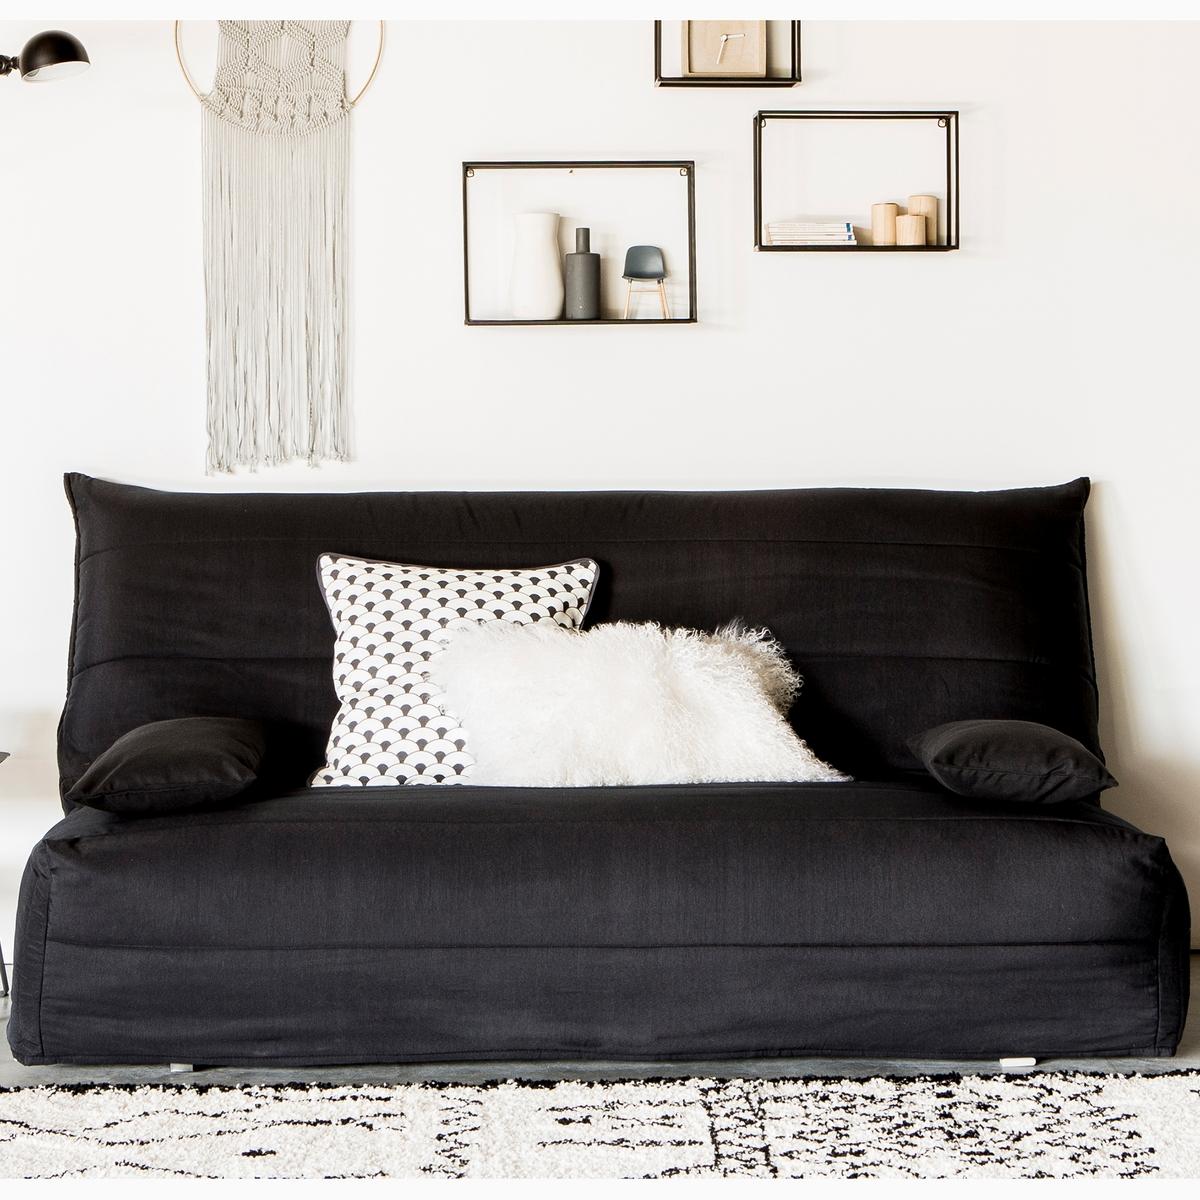 Чехол из полихлопка для диванаЧехол из полихлопка для дивана   . Чехол качества VALEUR SURE из ткани 70% хлопка, 30% полиэстера  . Наполнитель 100% полиэстера, 150 г/м? .Характеристики чехла для дивана  :- Хорошо облегает, покрывает целиком диван (частично спинку дивана)   Эластичные края. - Прострочка в виде линии  .- Стирка при 40°С.Размеры чехла для дивана  :- ширина 140 см, или 160 см  .<br><br>Цвет: гранатовый,серый жемчужный,сине-зеленый,синий индиго,темно-серый,черный,экрю<br>Размер: 140 cm.140 cm.140 cm